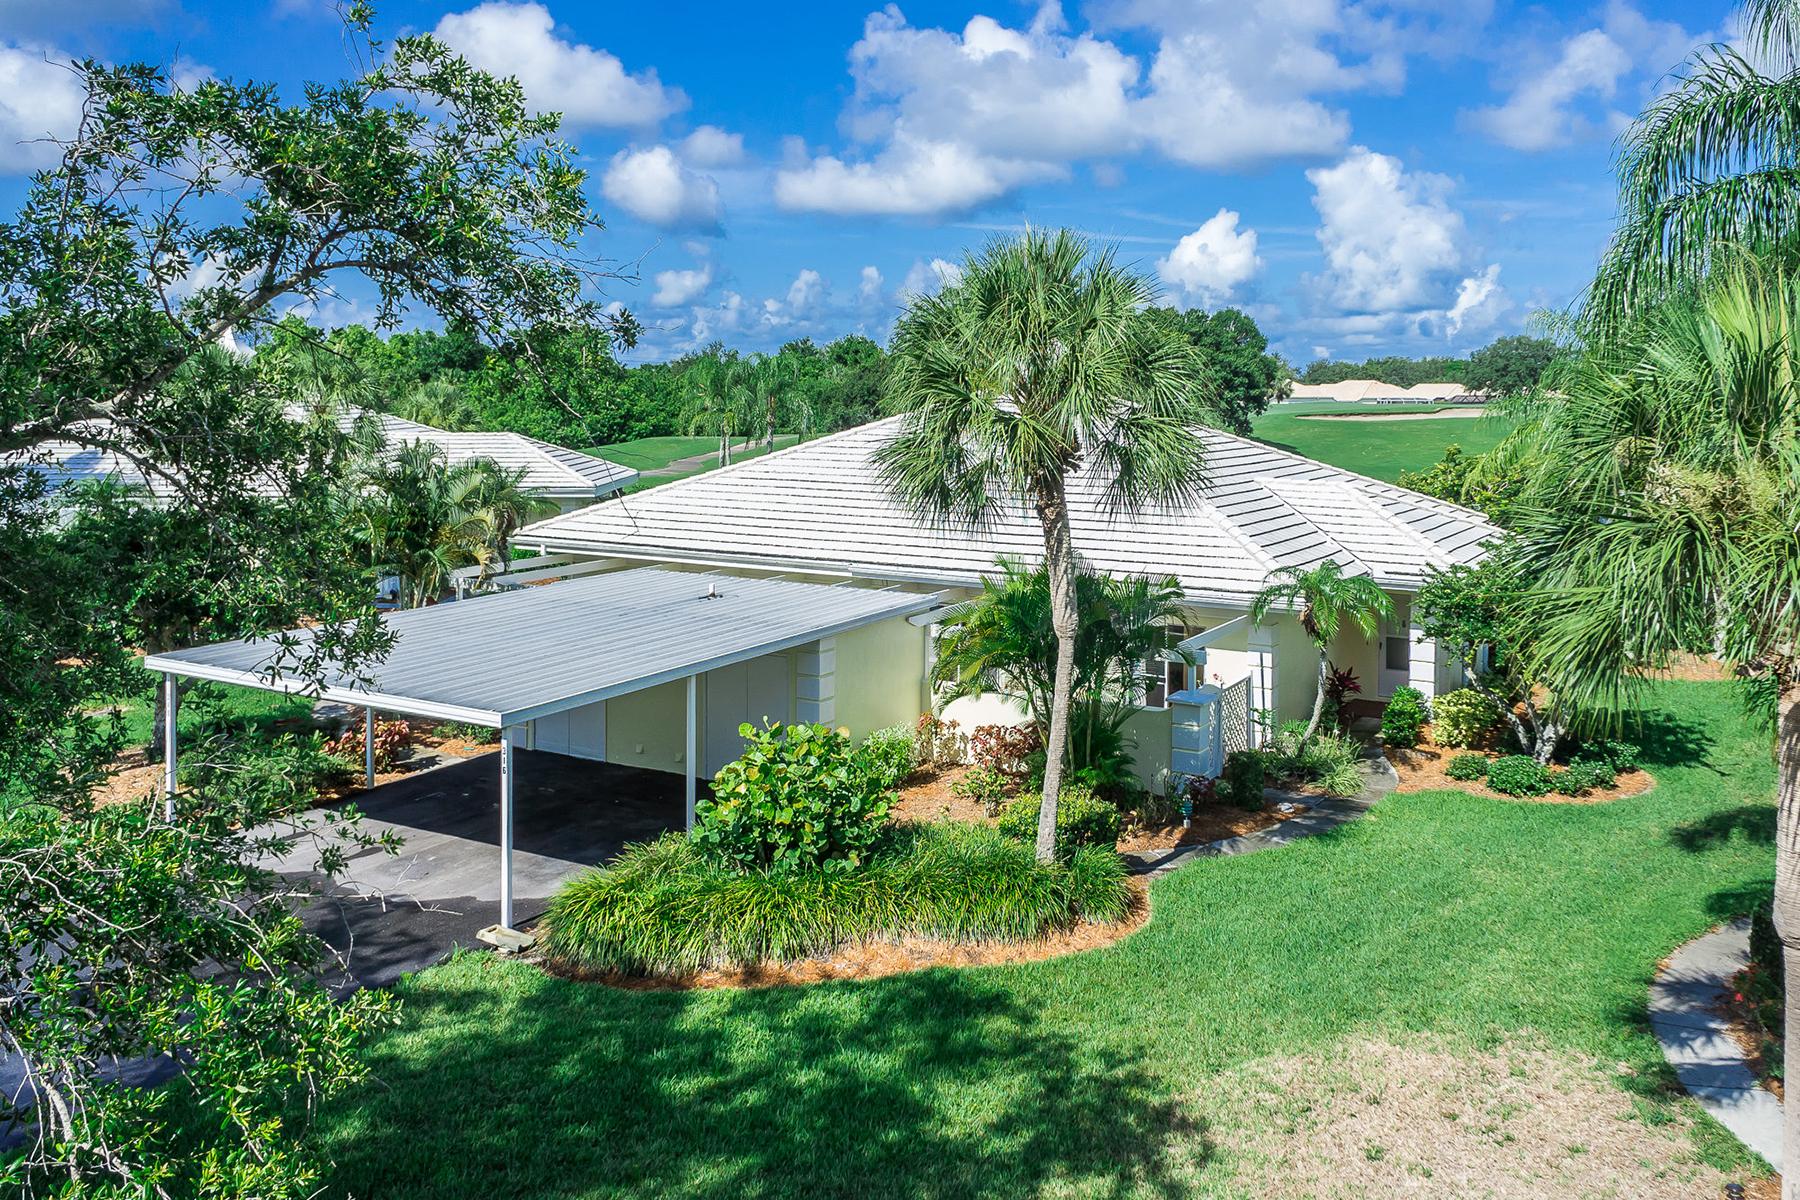 Таунхаус для того Продажа на PLANTATION GOLF & COUNTRY CLUB 316 Wexford Terr 167 Venice, Флорида, 34293 Соединенные Штаты